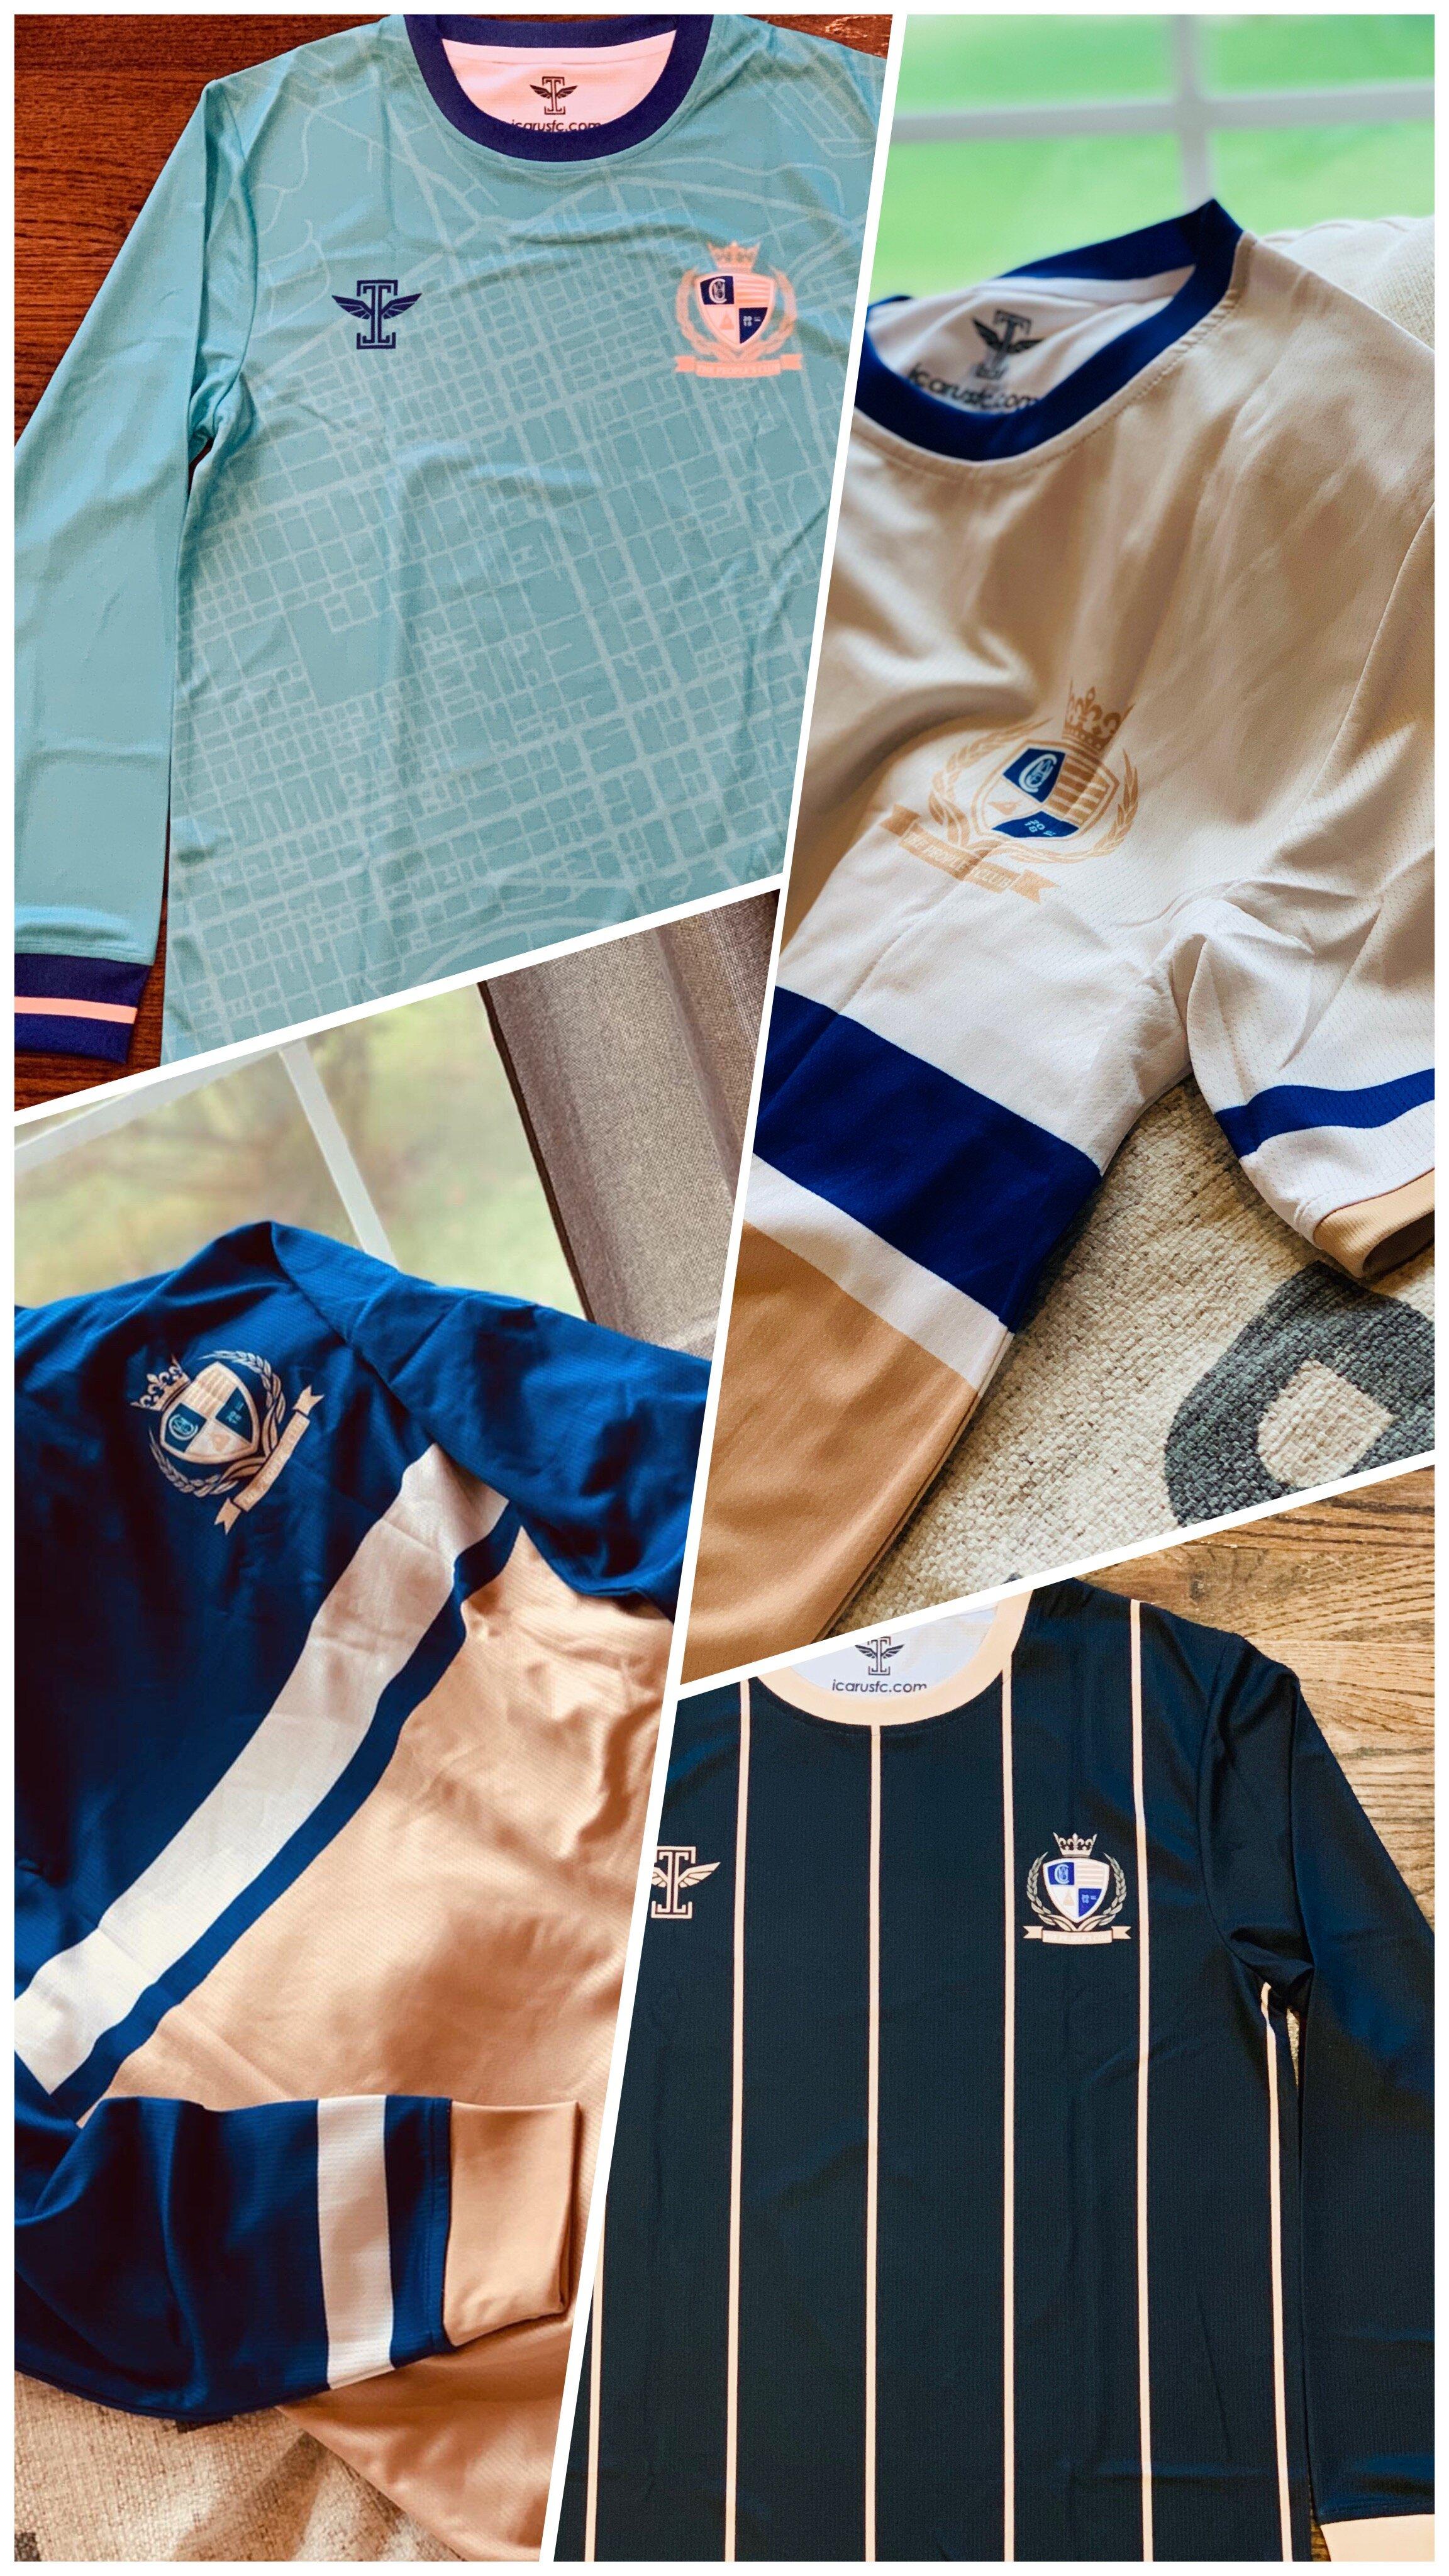 AUFC Kits